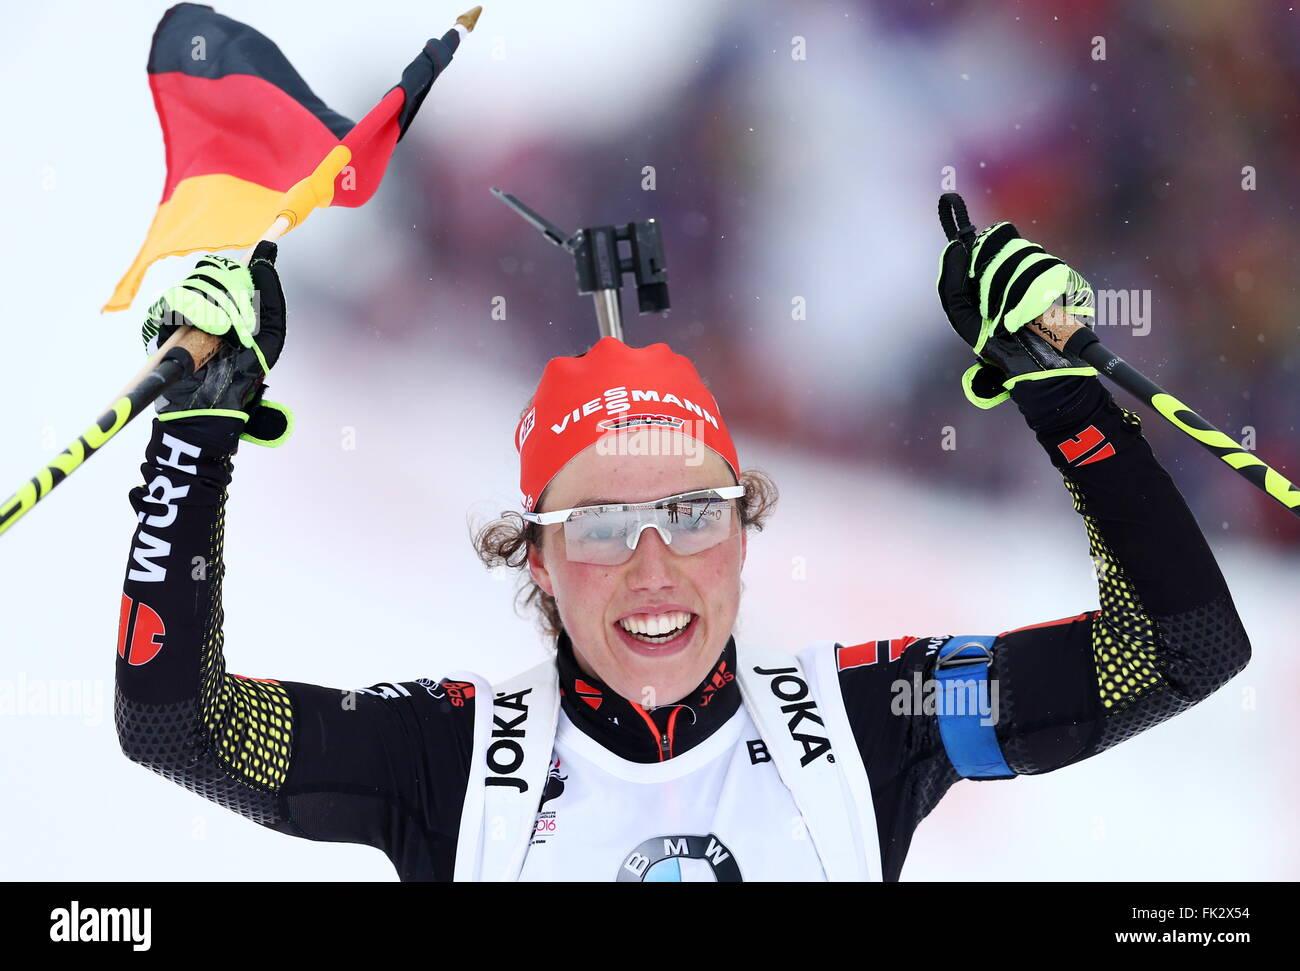 OSLO, NORWEGEN. 6. MÄRZ 2016. Biathlet Laura Dahlmeier Deutschlands reagiert, wie sie die Frauen 10 km Verfolgungsrennen Stockbild